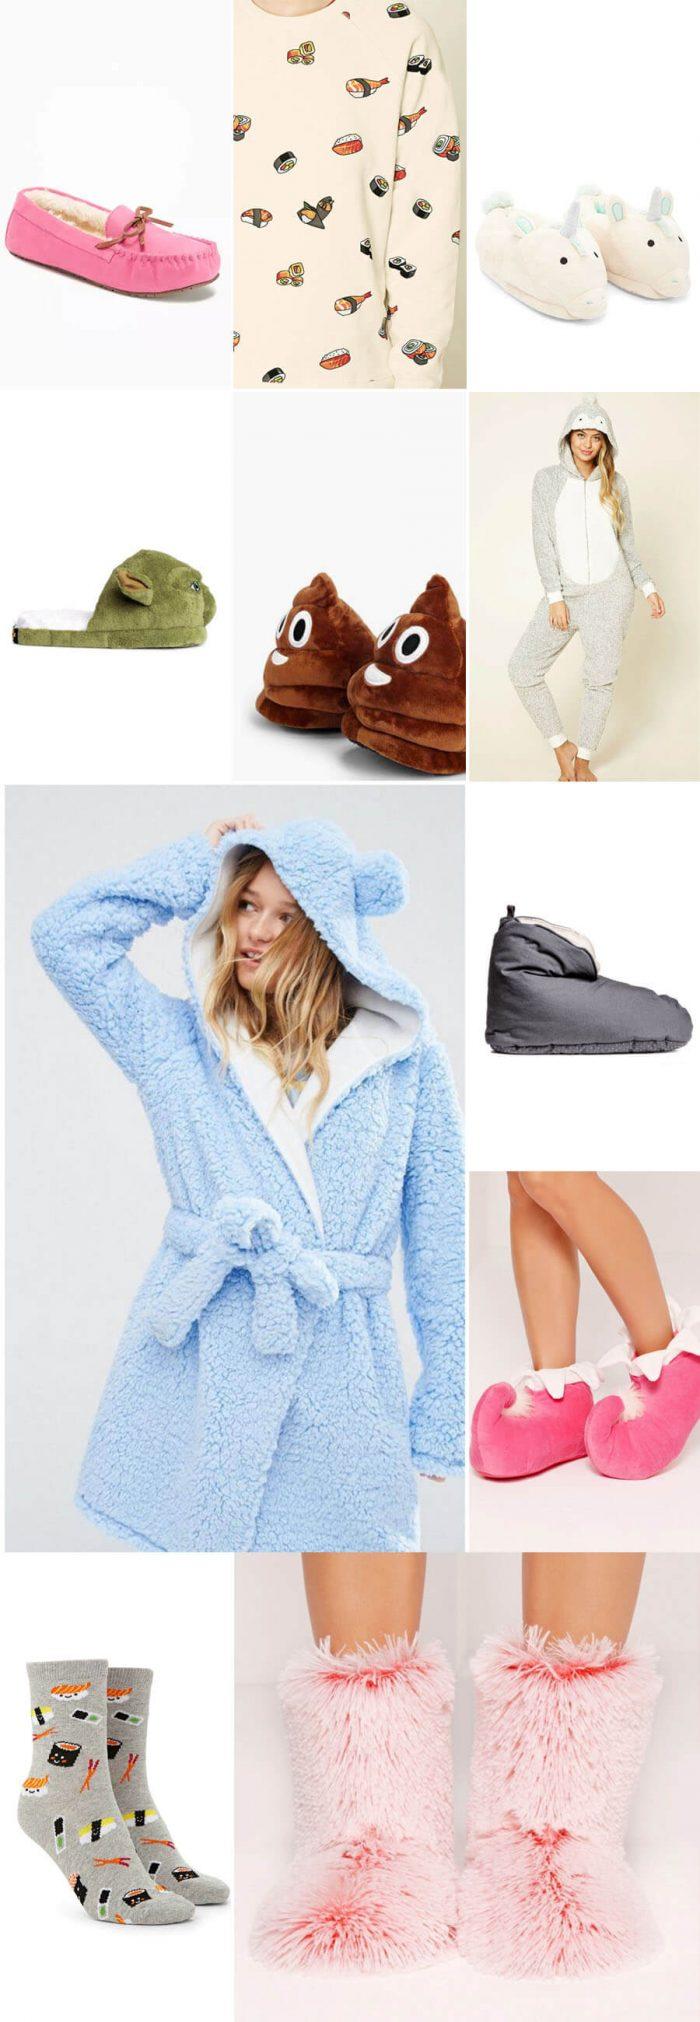 online store d9927 1c4d9 ... in-my-cart-november-cozy